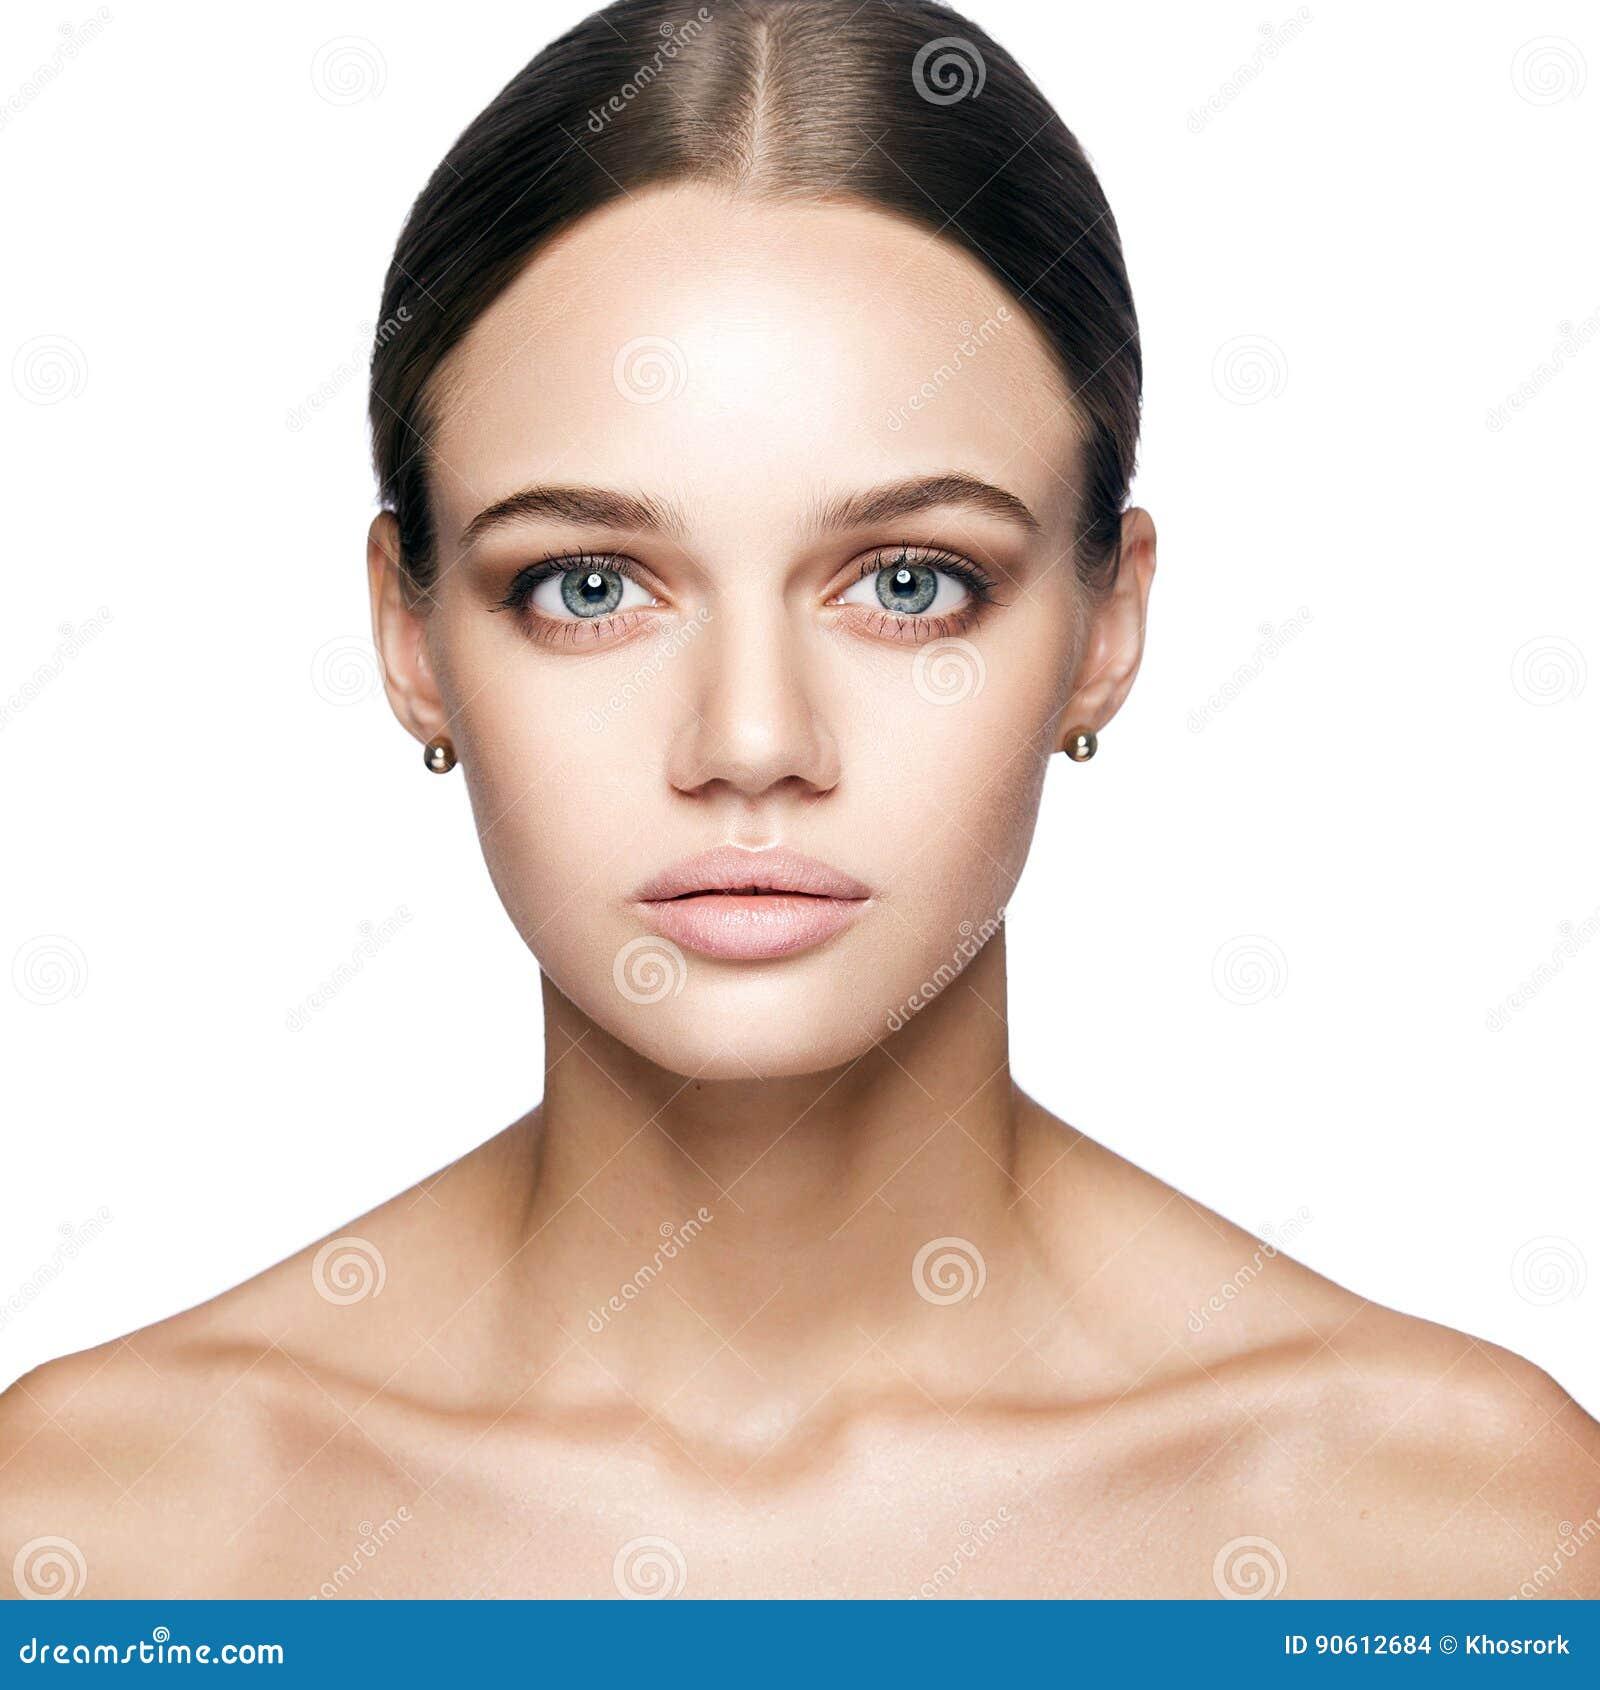 Kalme schoonheid Portret van mooie jonge blondevrouw met naakte make-up, blauwe ogen, kapsel en schoon gezicht